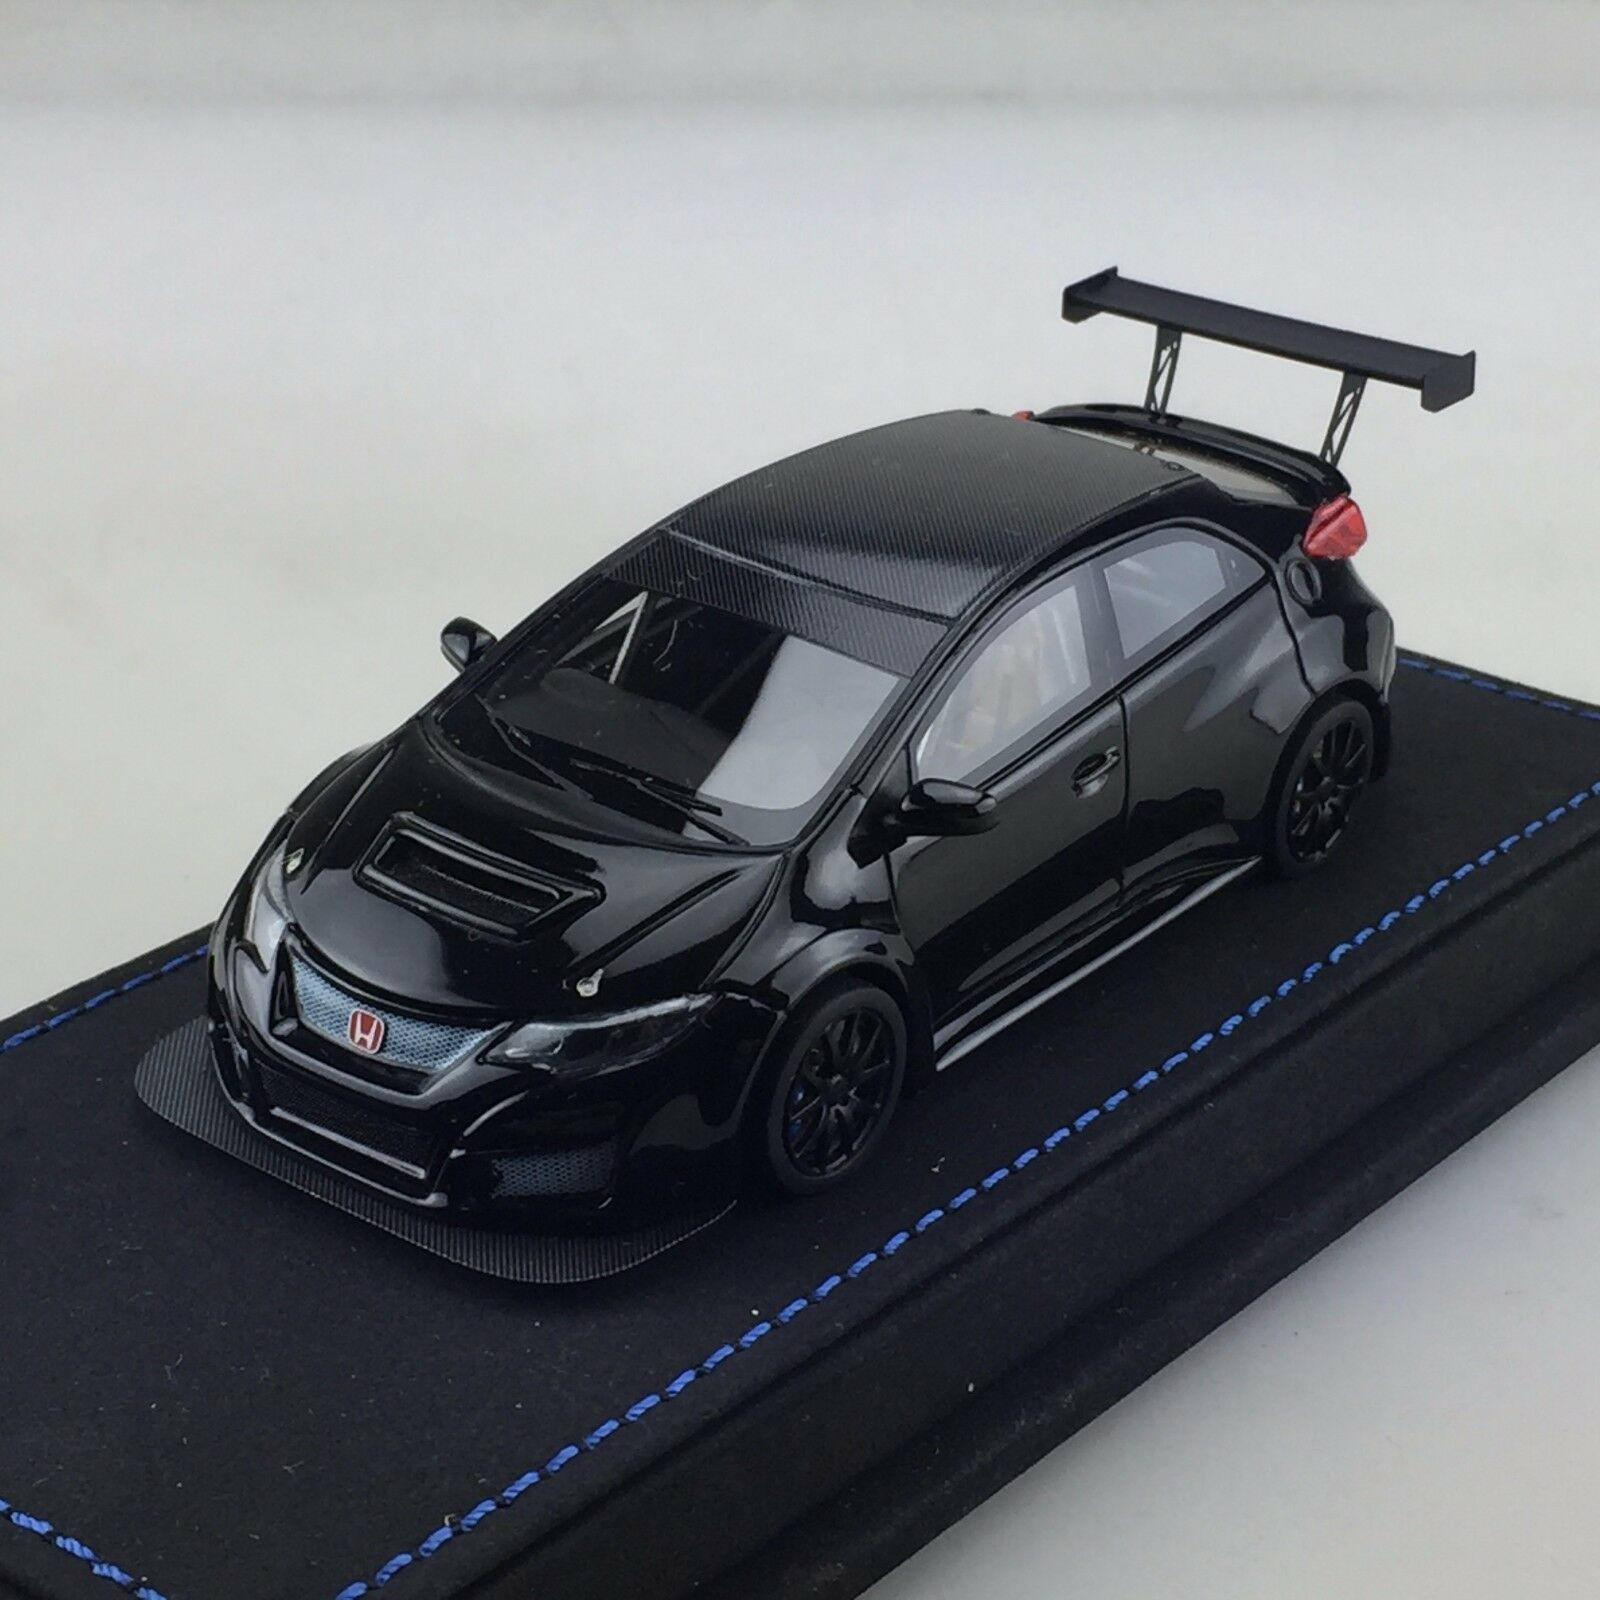 1/43 Peako Honda Civic FK2 coche de prueba de carrera TRC Jac 2018 Negro Ltd 30 Pcs WTCC